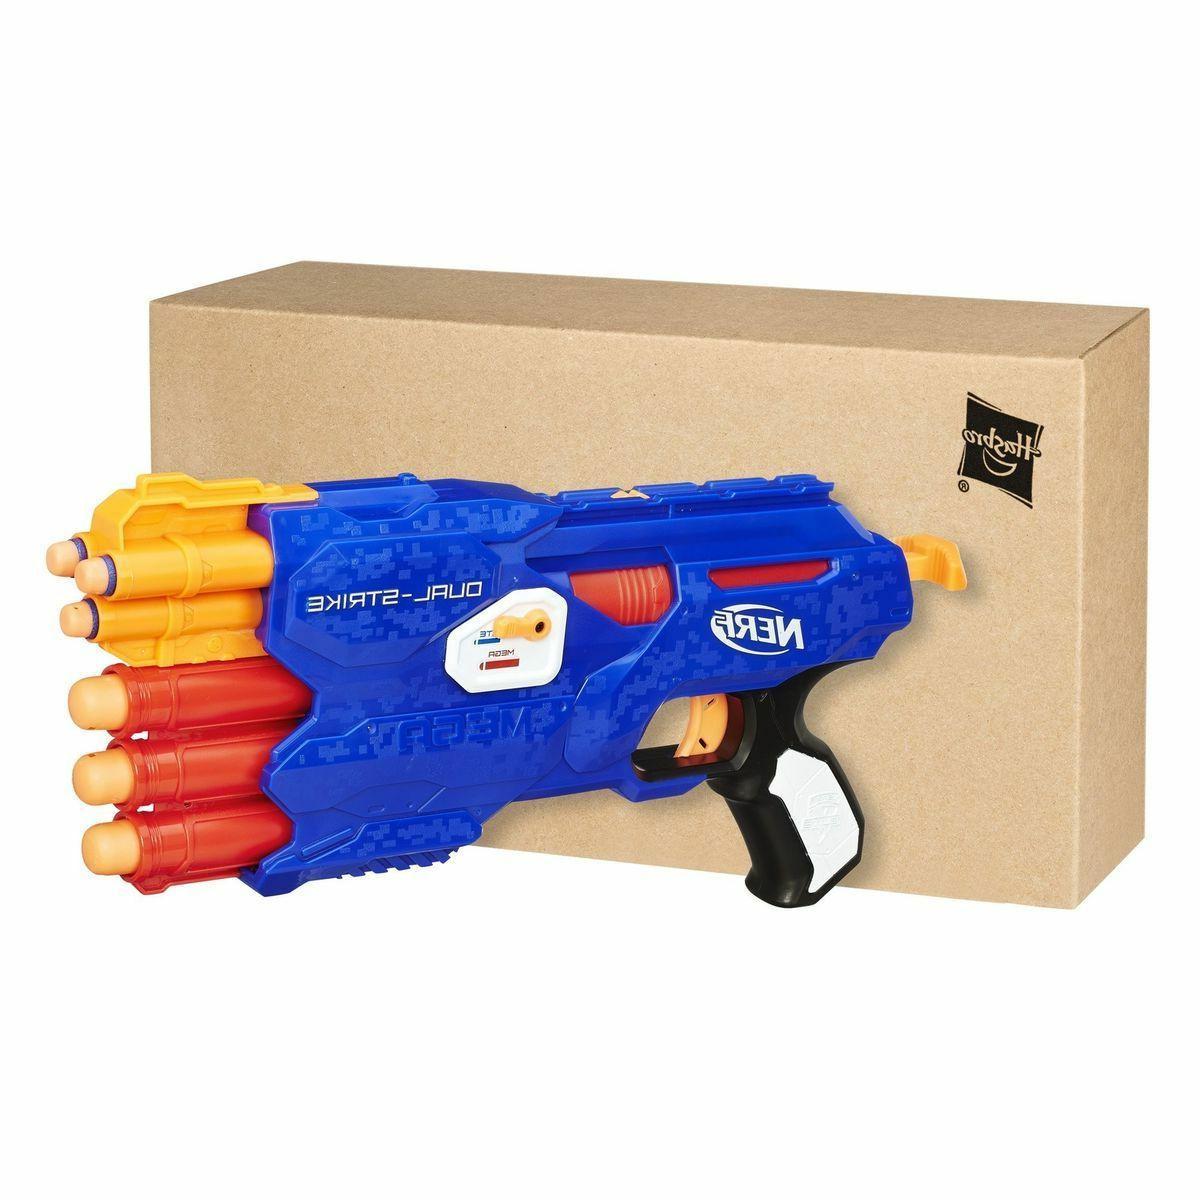 Toys For Children Blaster for 6 7 8 10 Olds